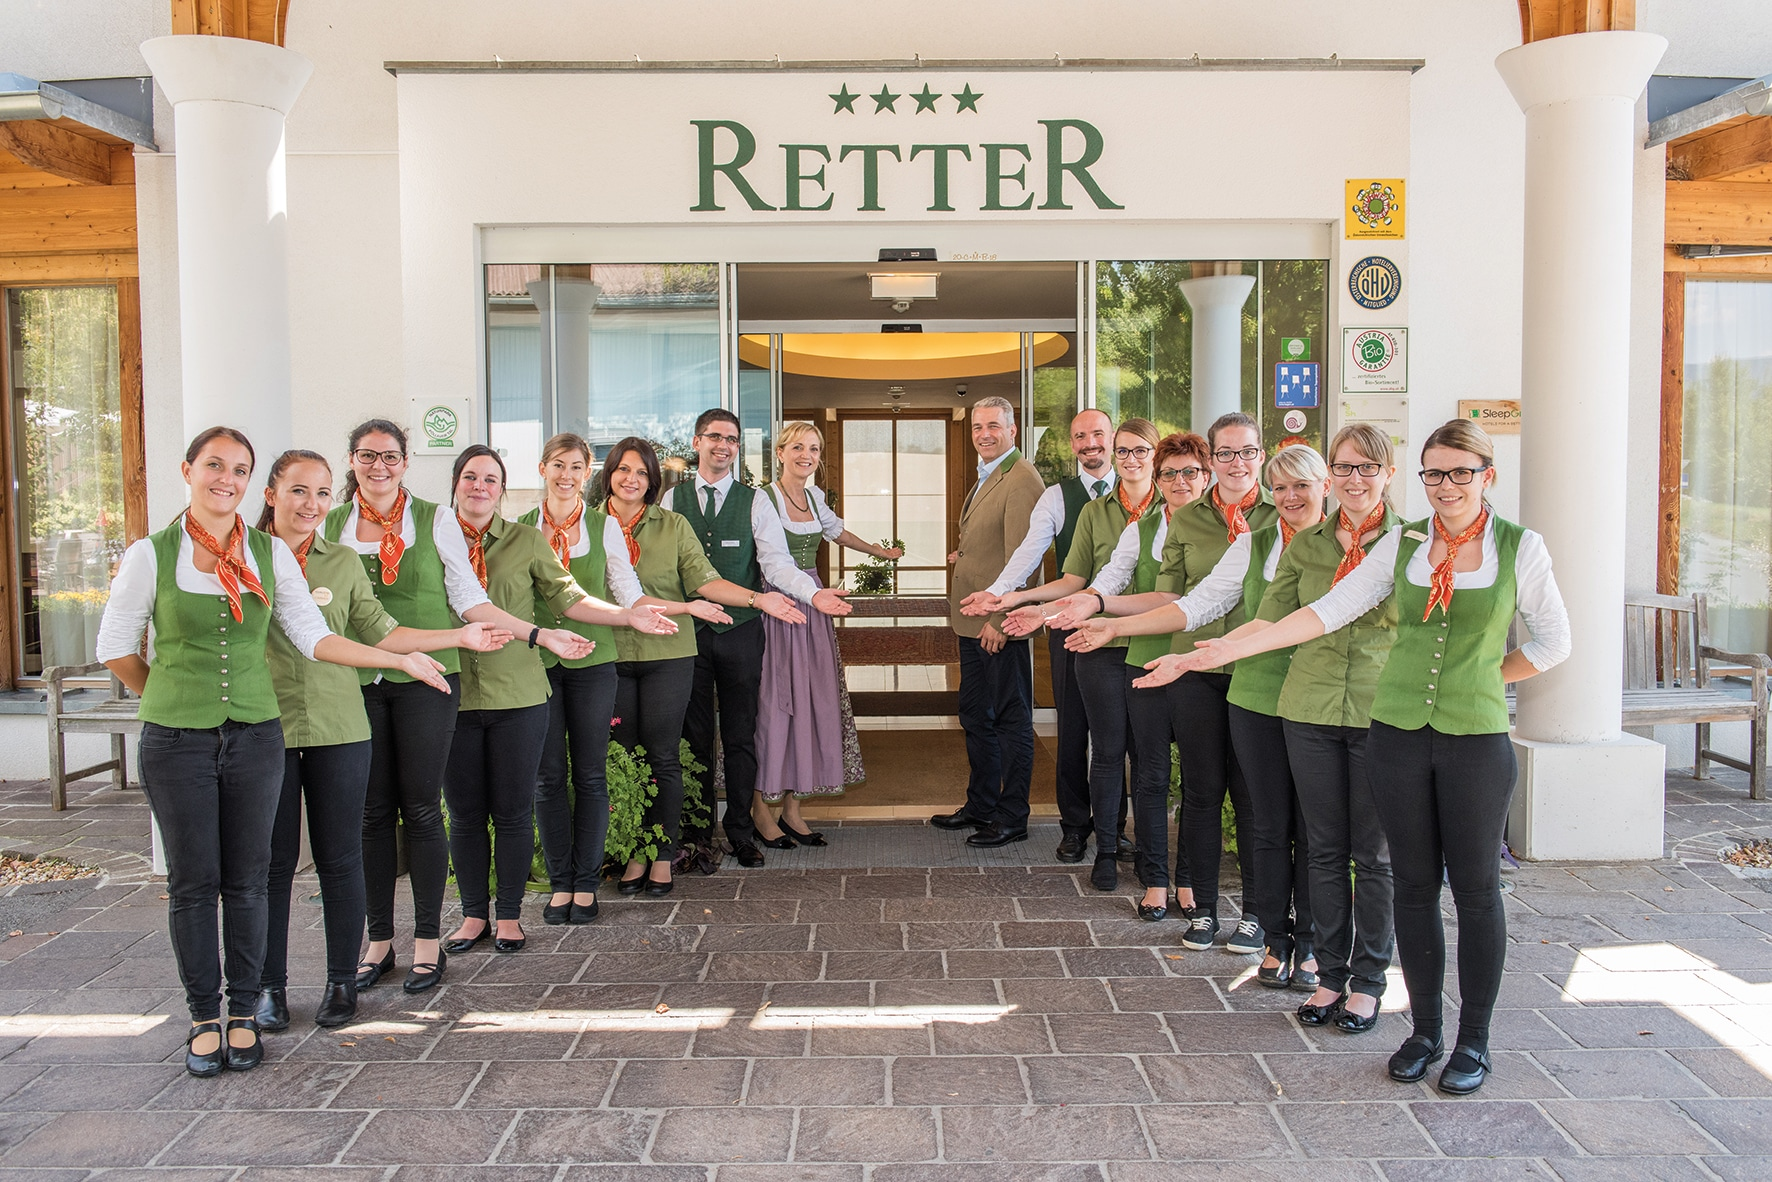 Herzlich Willkommen im Retter Bio-Natur-Resort dem nachhaltigsten Hotel Österreichs.